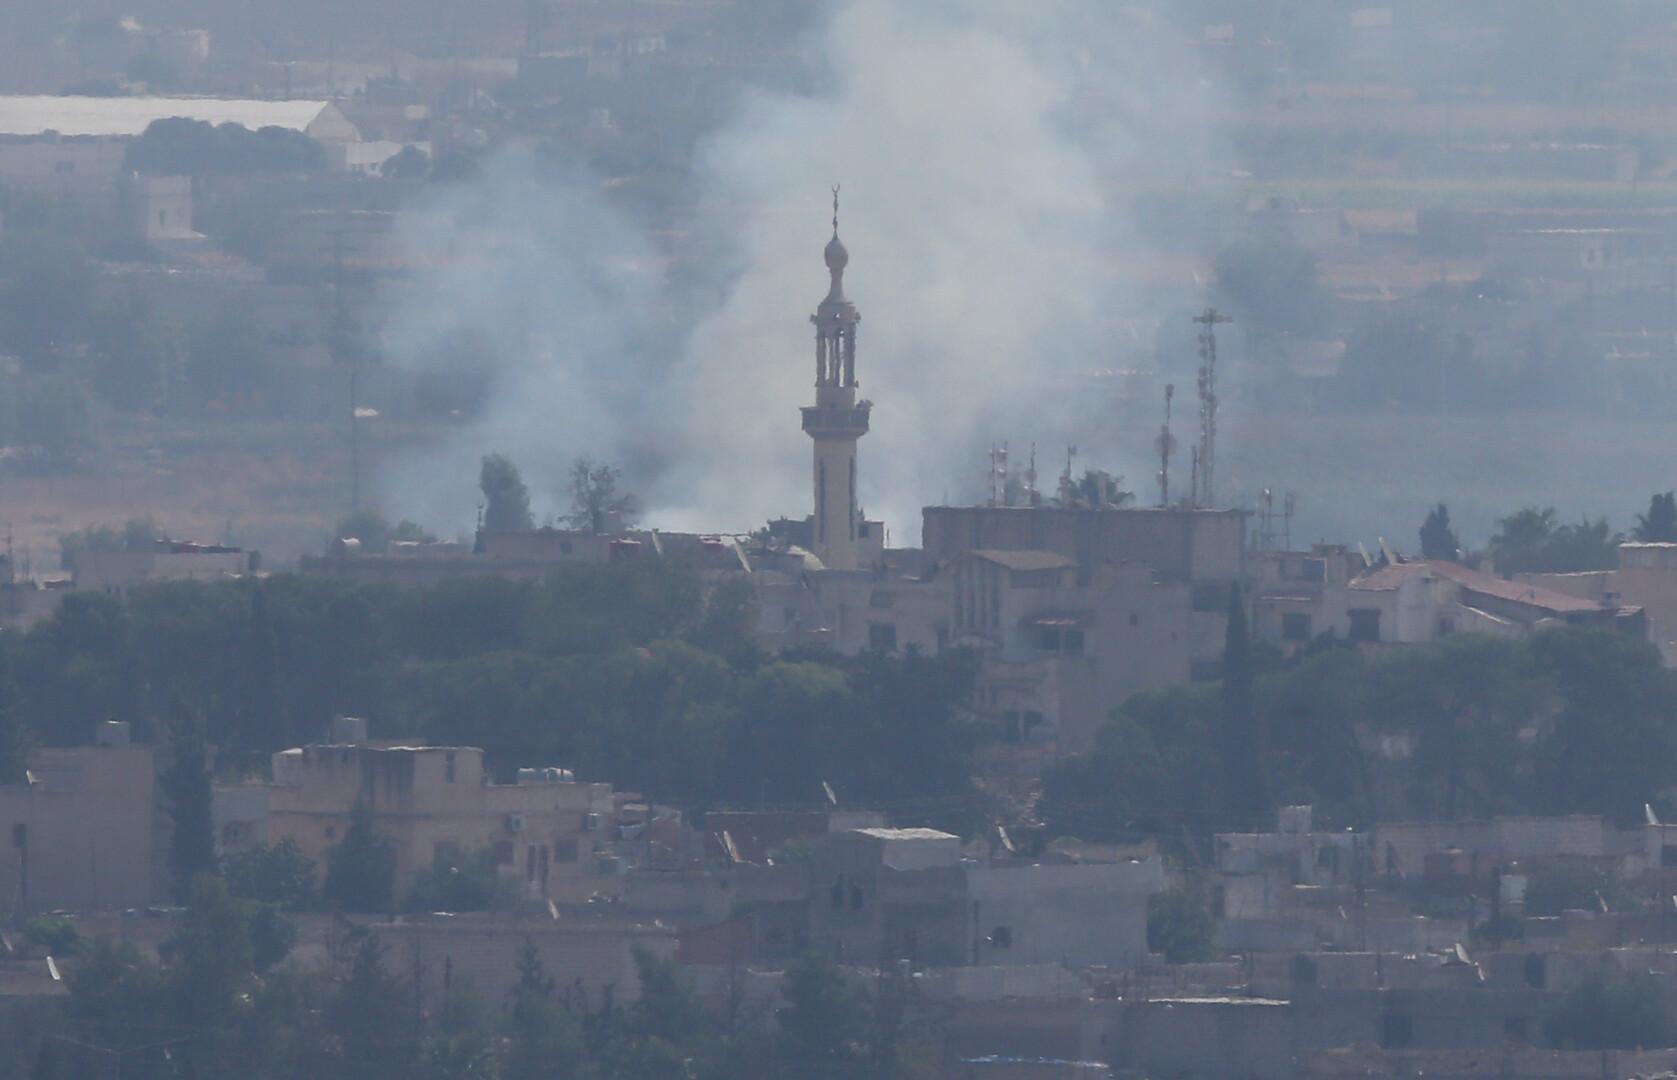 قصف على محيط بلدة رأس العين شمالي سوريا رغم إعلان الهدنة